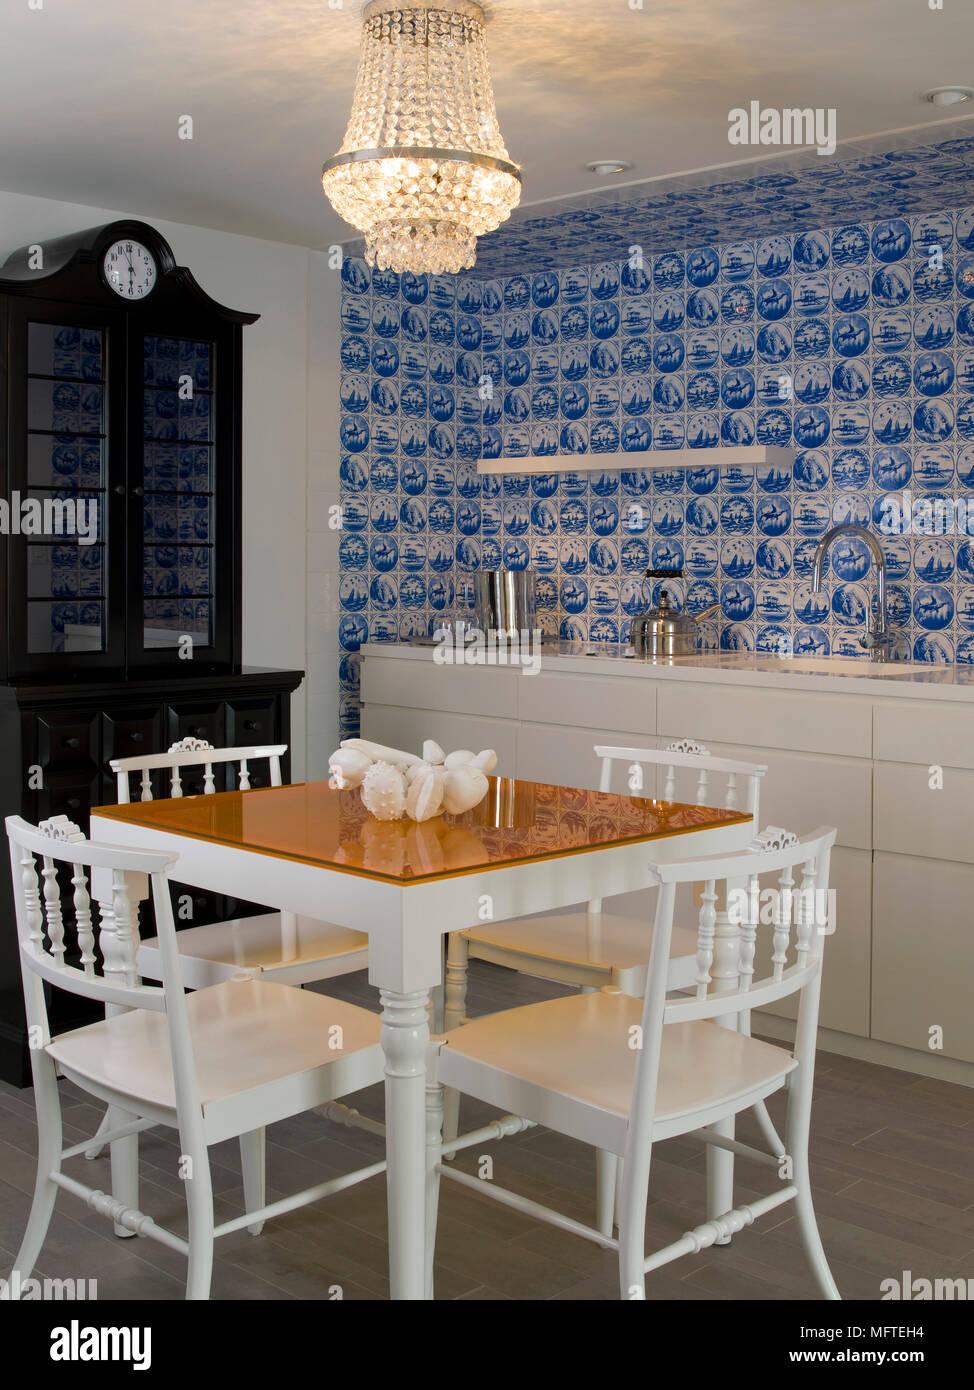 https www alamyimages fr table et chaises en bois blanc en cuisine moderne avec carrelage bleu image181861824 html